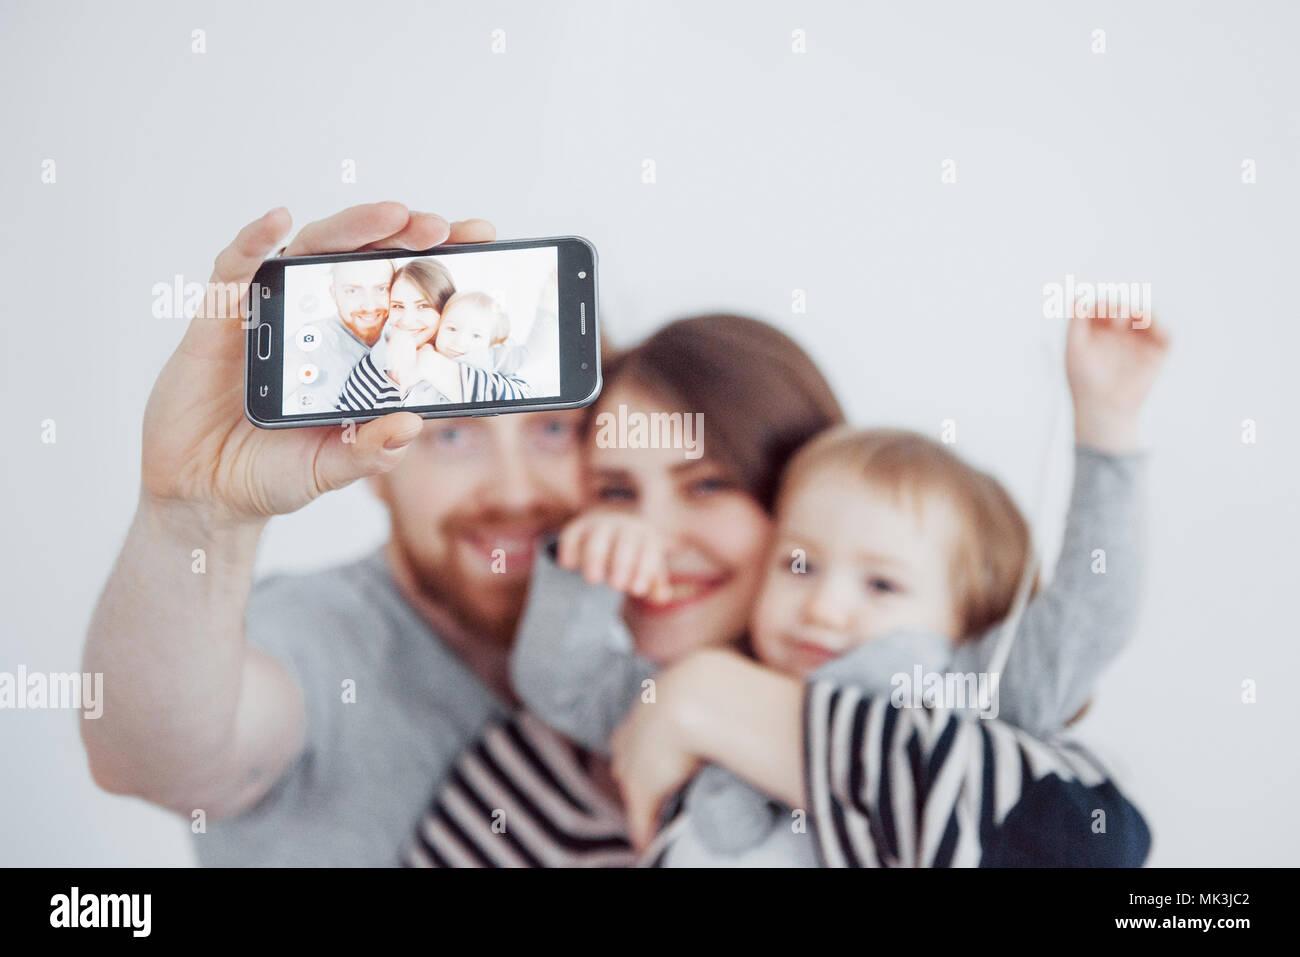 Famille, vacances, la technologie et les gens - smiling mother, father and little girl making avec caméra selfies sur fond blanc Photo Stock